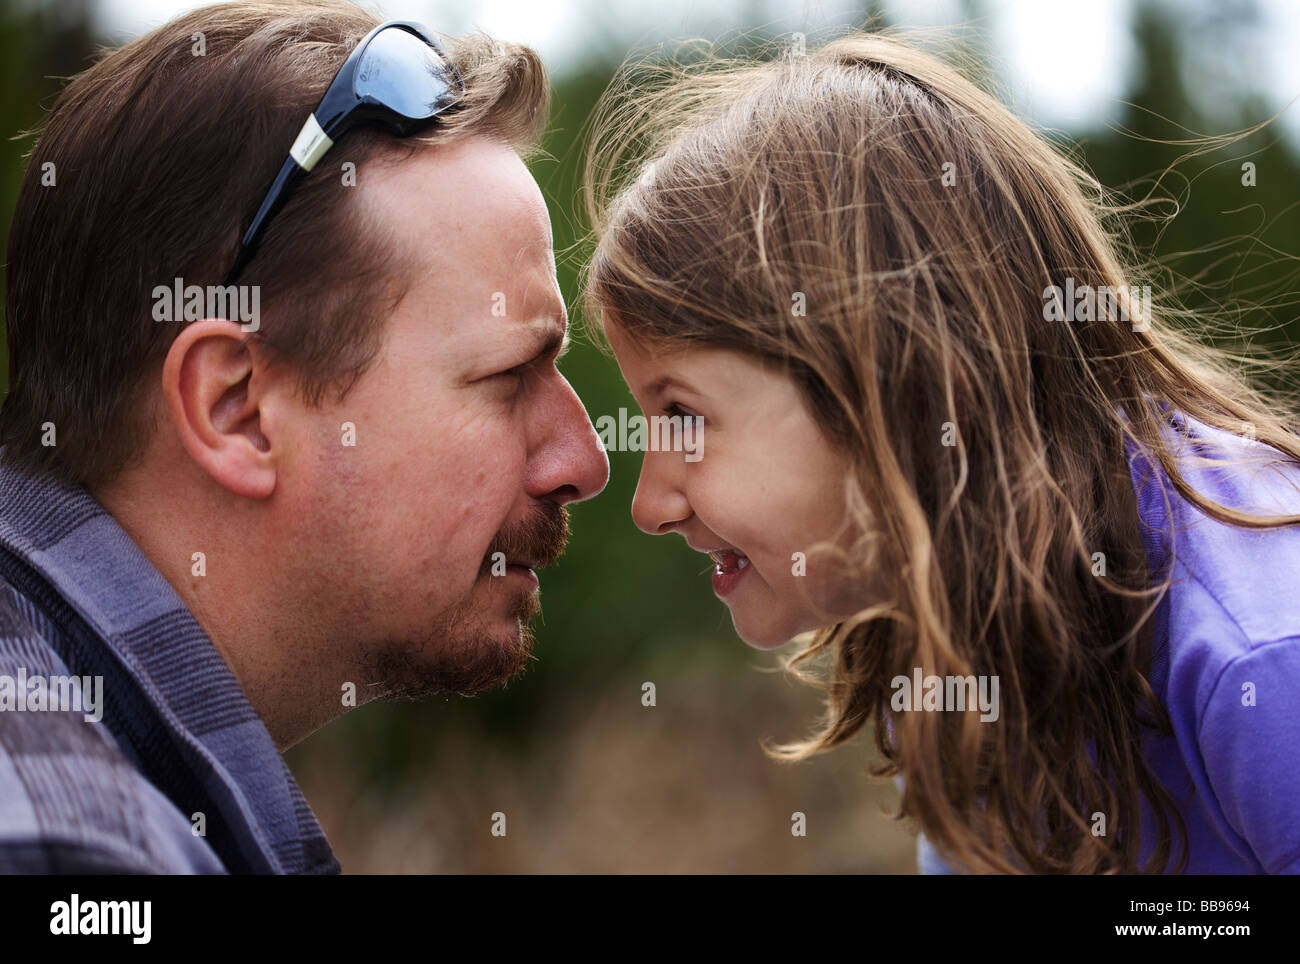 Fröhliches junges Mädchen, die Darsteller gegenseitig spielerisch mit ihrem Vater Stockbild